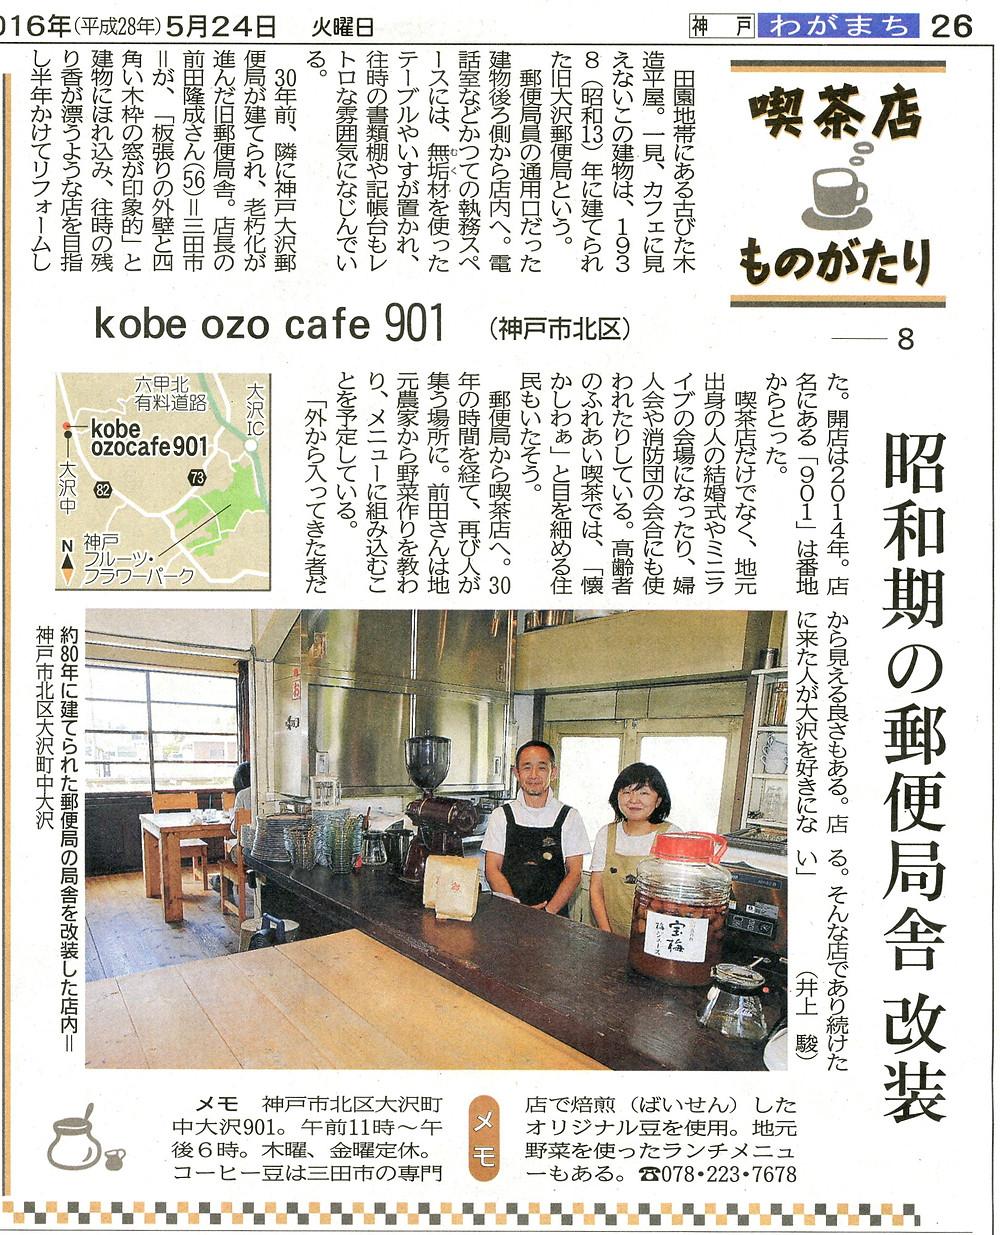 神戸新聞 2016年5月24日 喫茶店ものがたり 8 kobe ozo cafe 901 (神戸市北区大沢町)